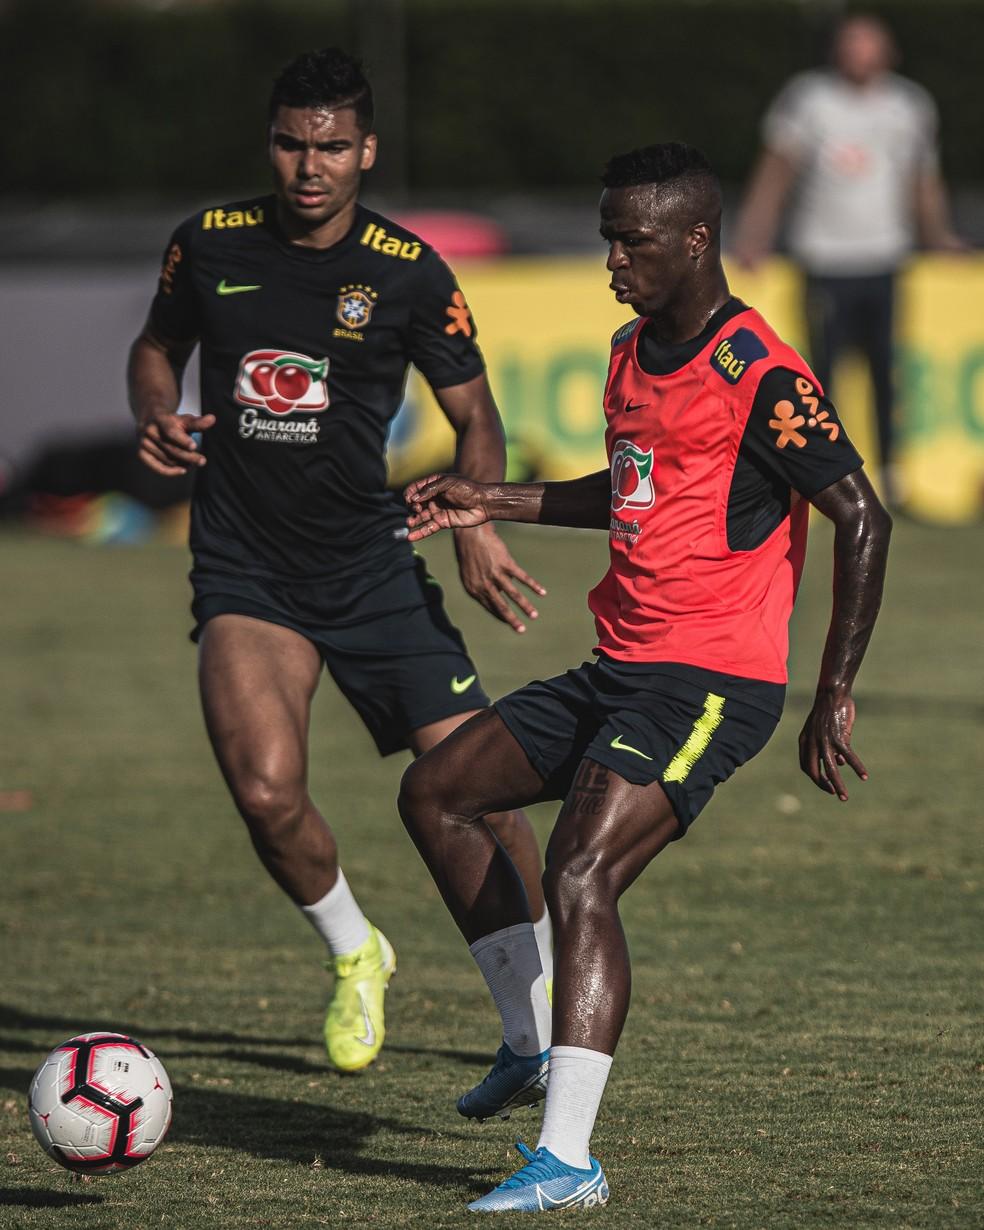 Vinicius Junior, atacante do Real, durante treino: ele pediu ao companheiro de Madrid Casemiro para lhe ajudar na Seleção — Foto: Pedro Martins / MoWA Press